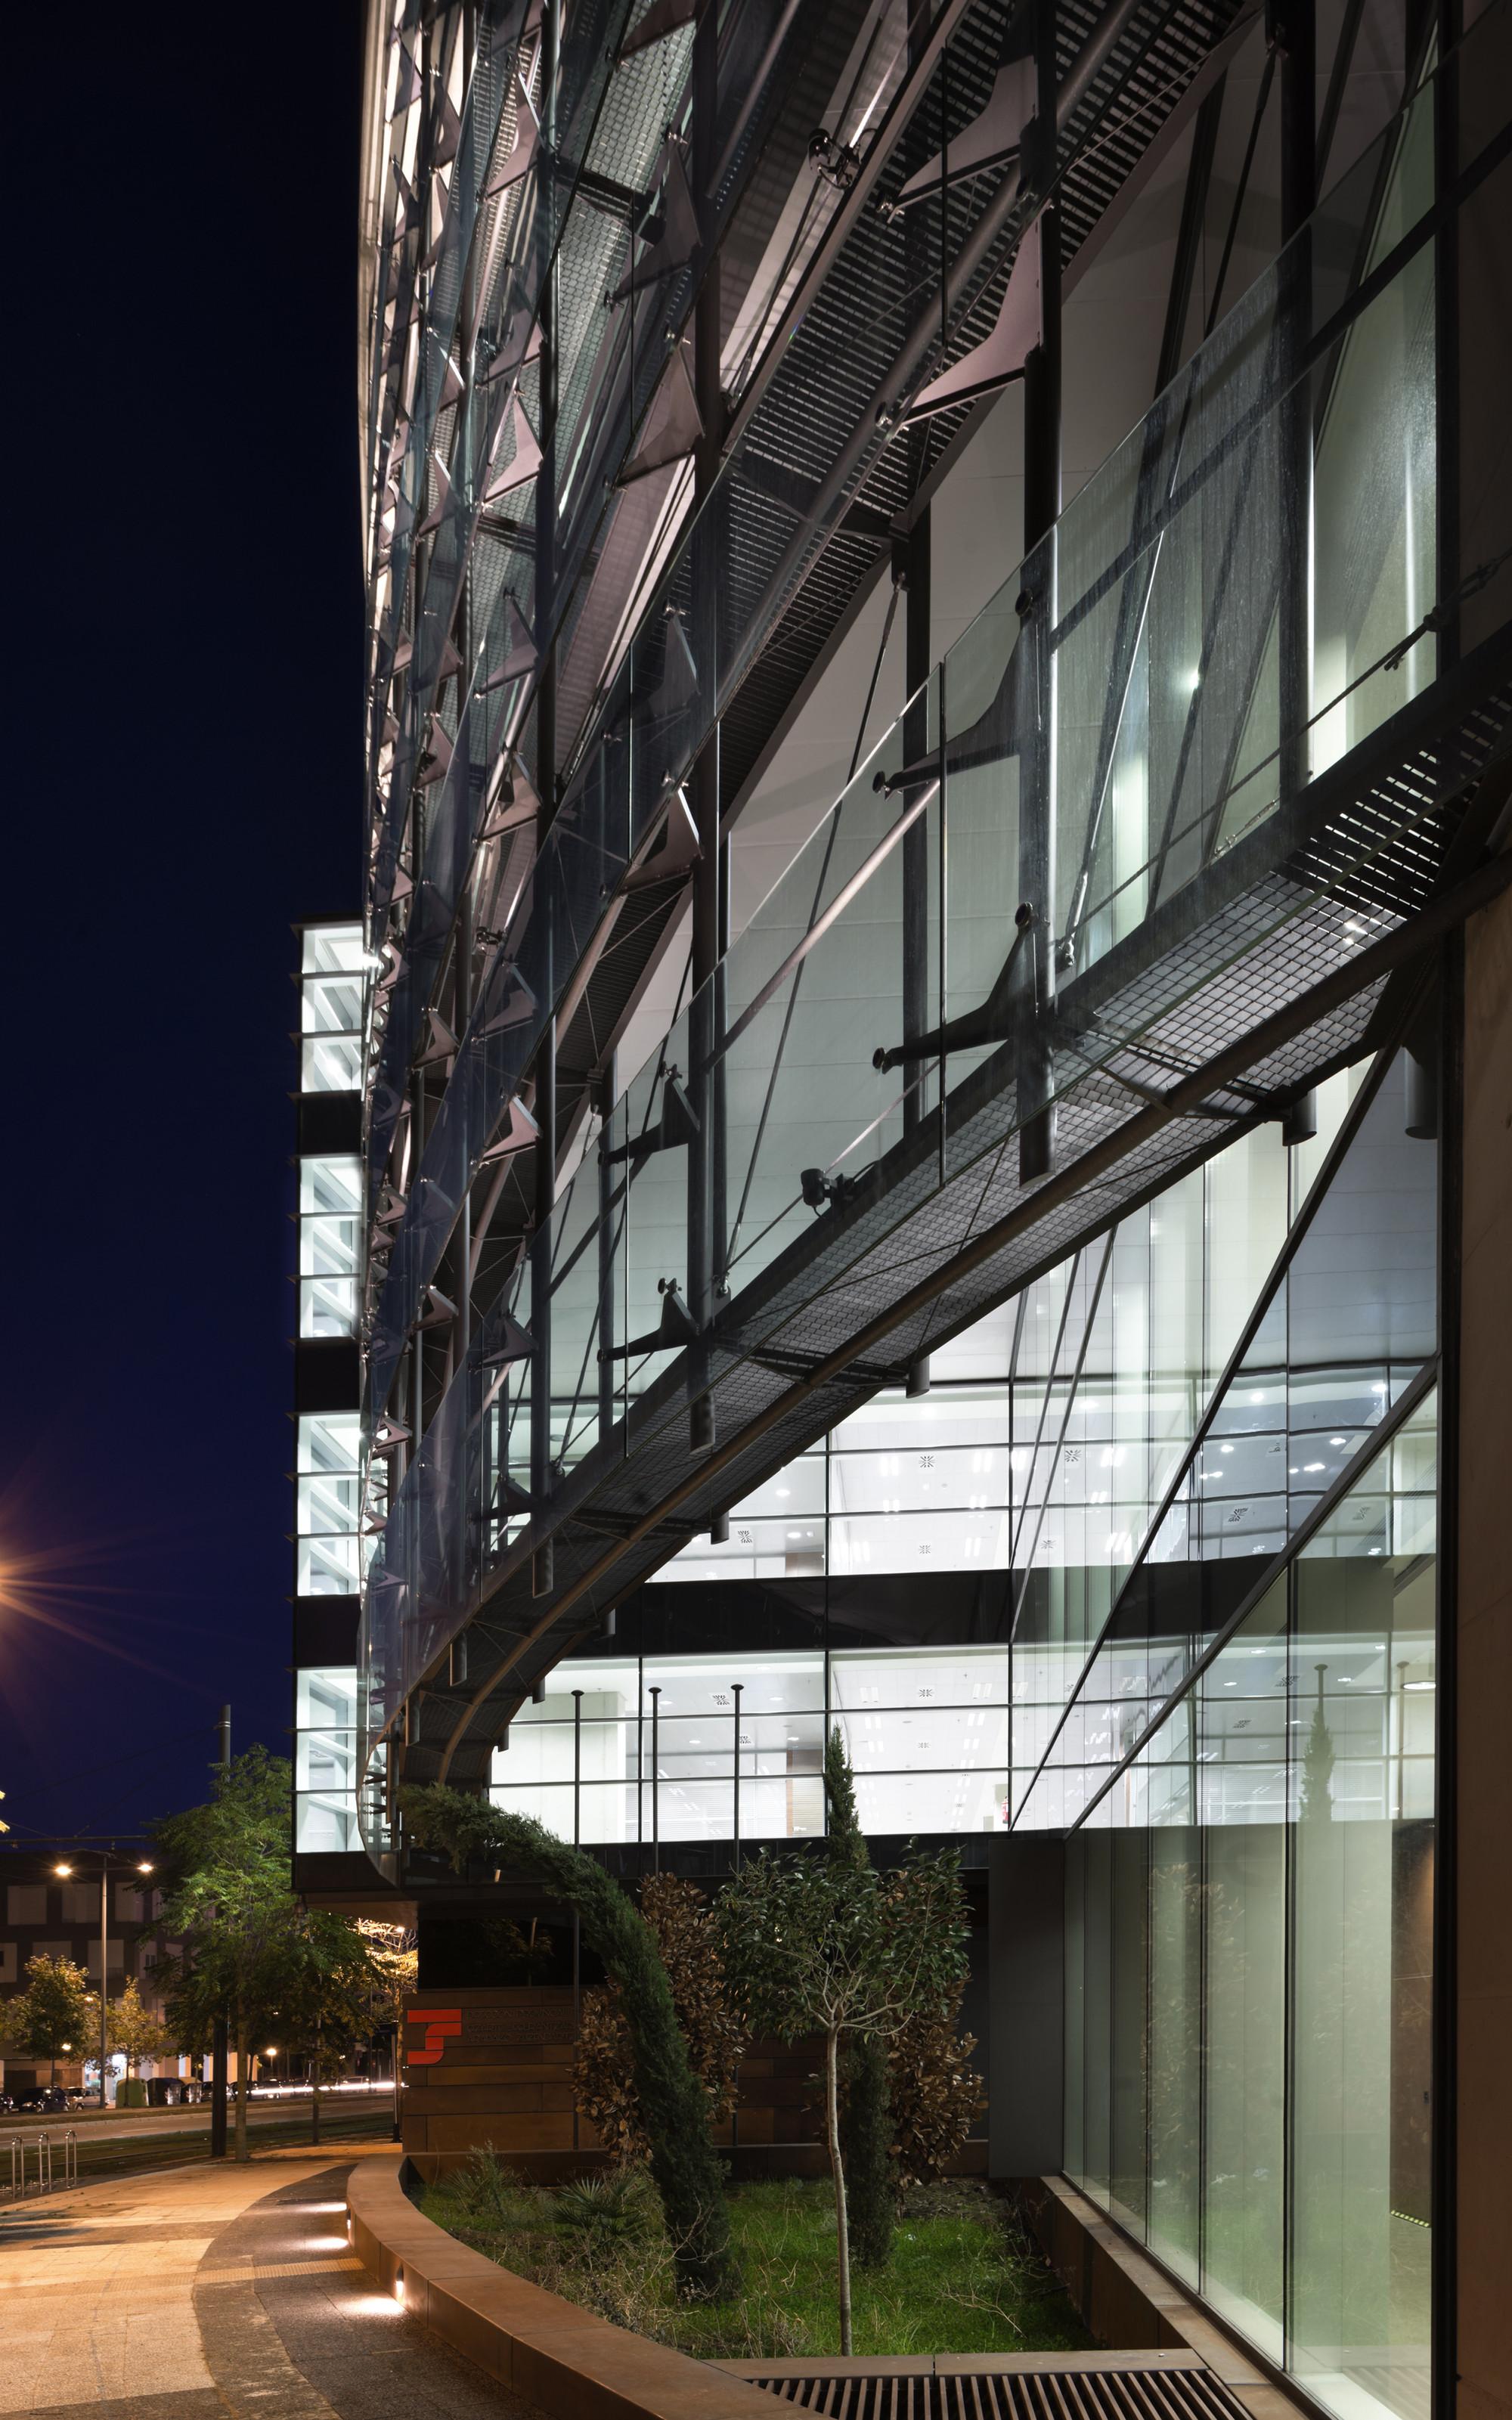 Galer a de edificio de oficinas en vitoria lh14 - Arquitectos vitoria ...